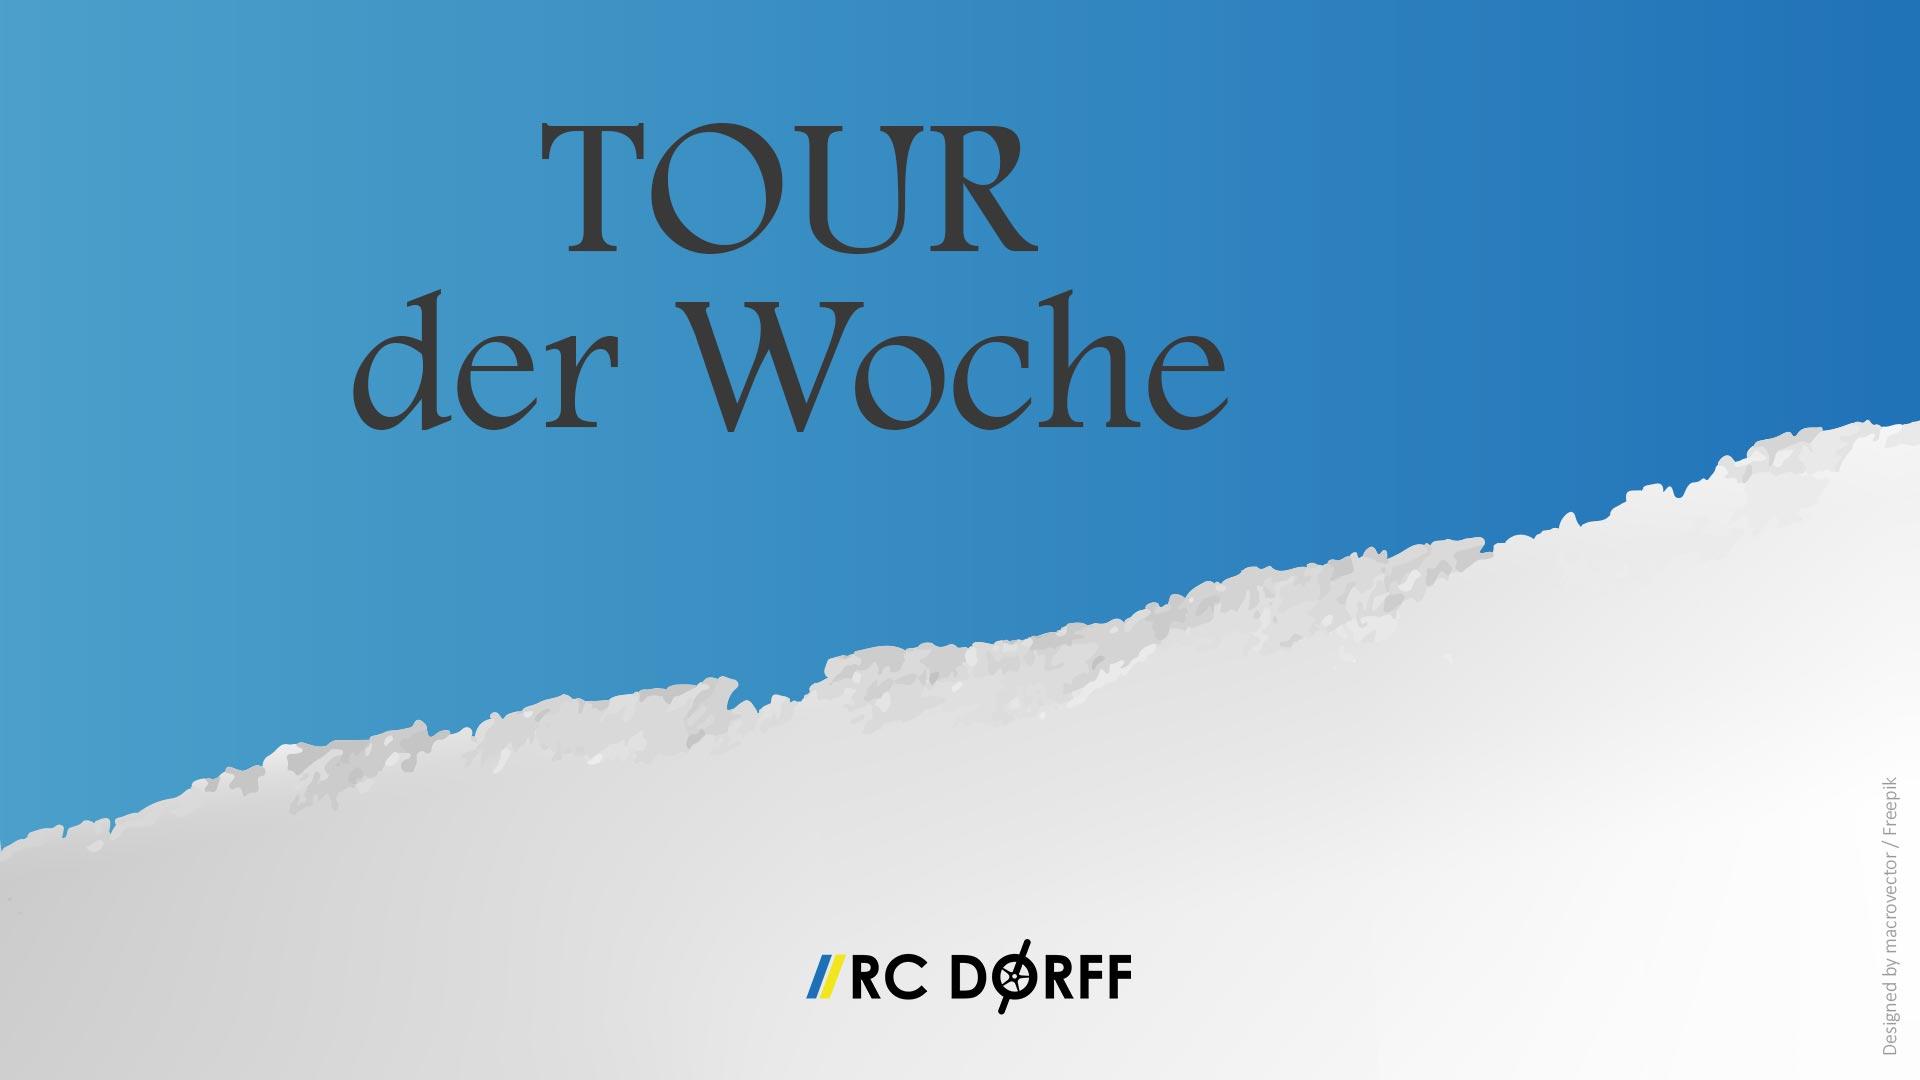 RC Dorff, Tour der Woche